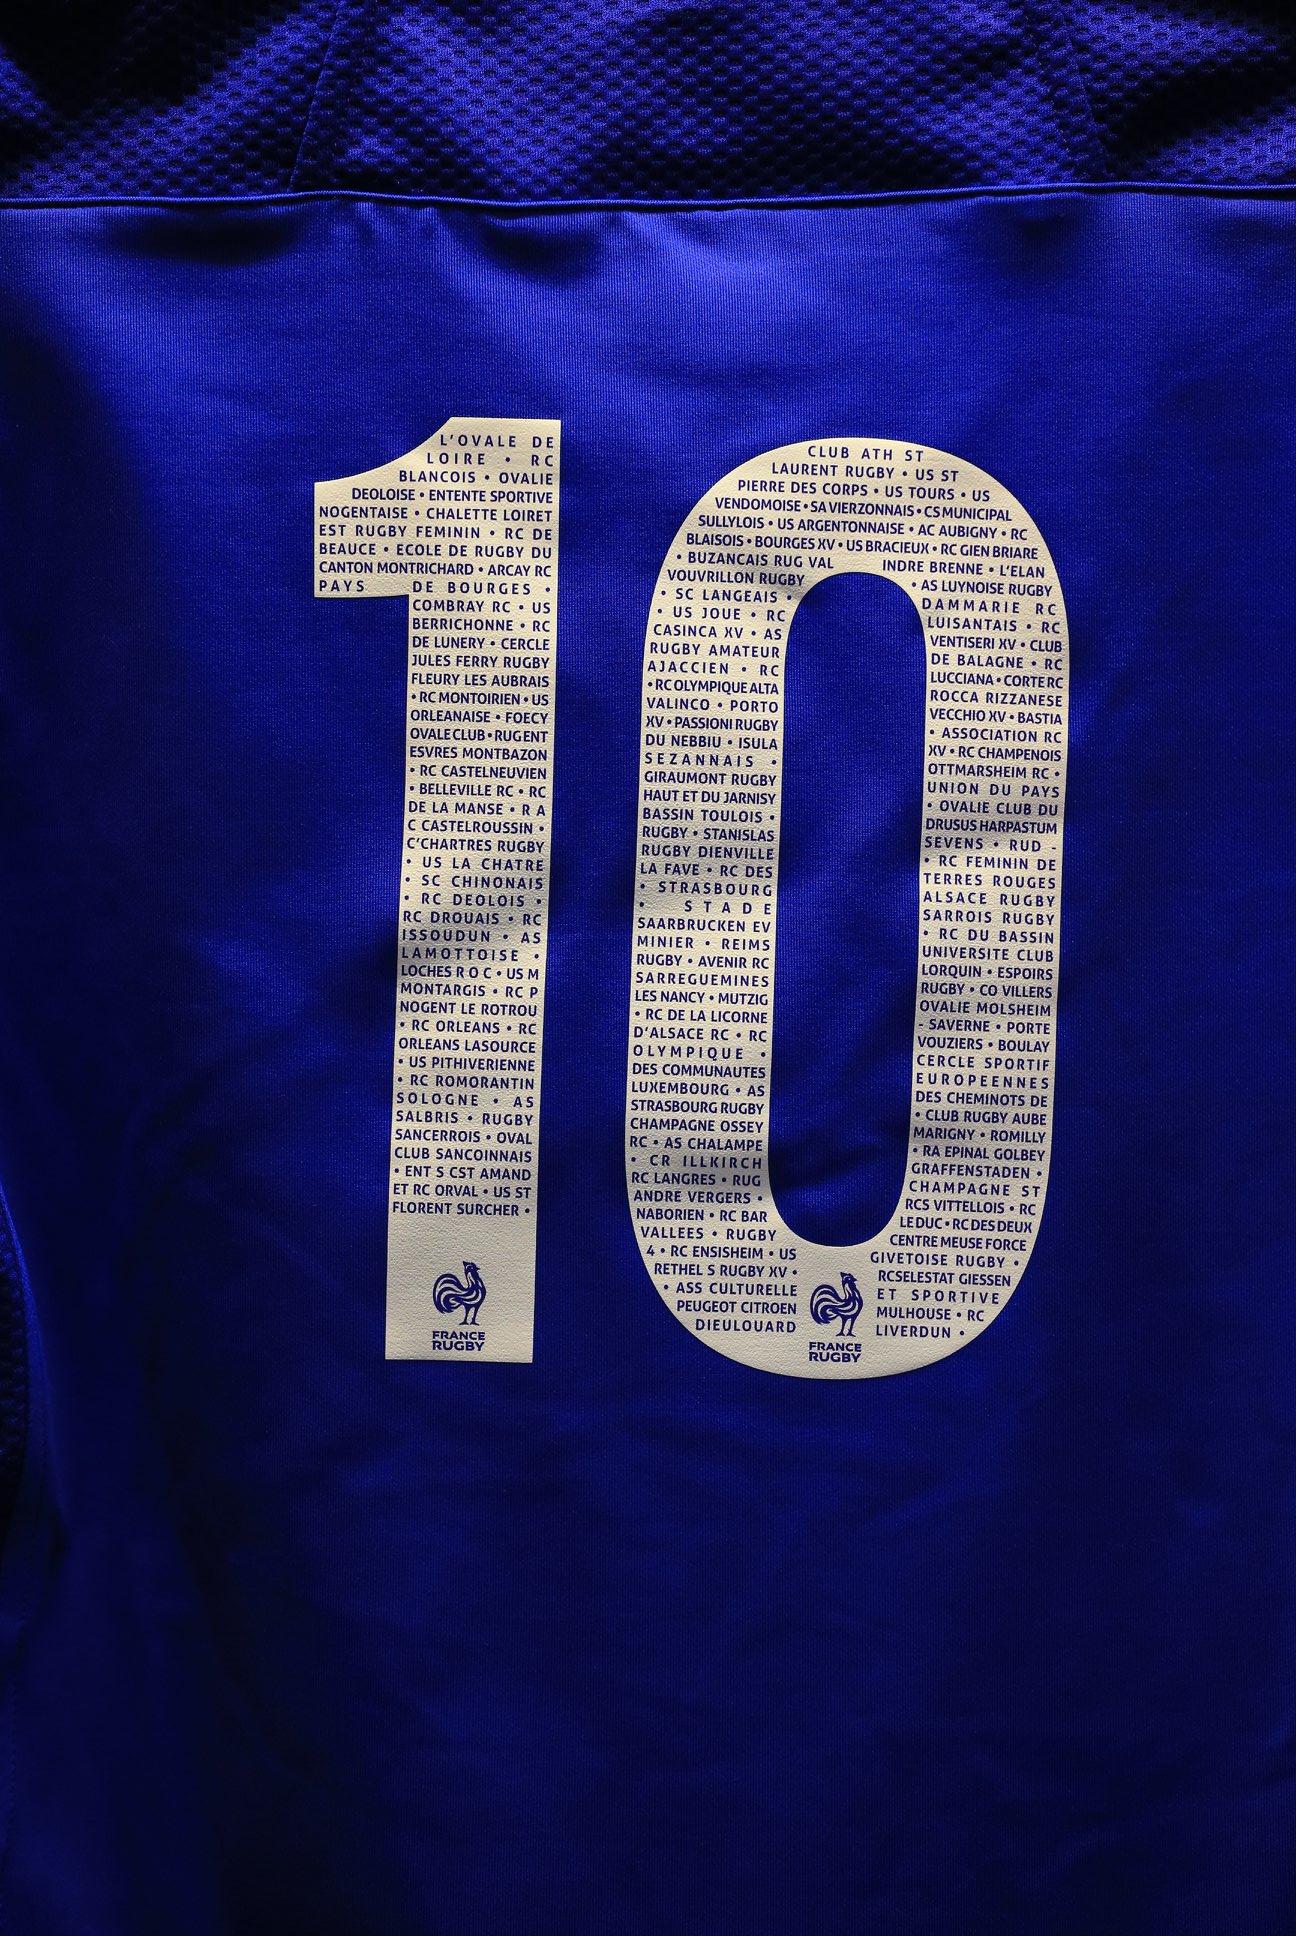 Les clubs affichés sur les maillots de l'Equipe de France!